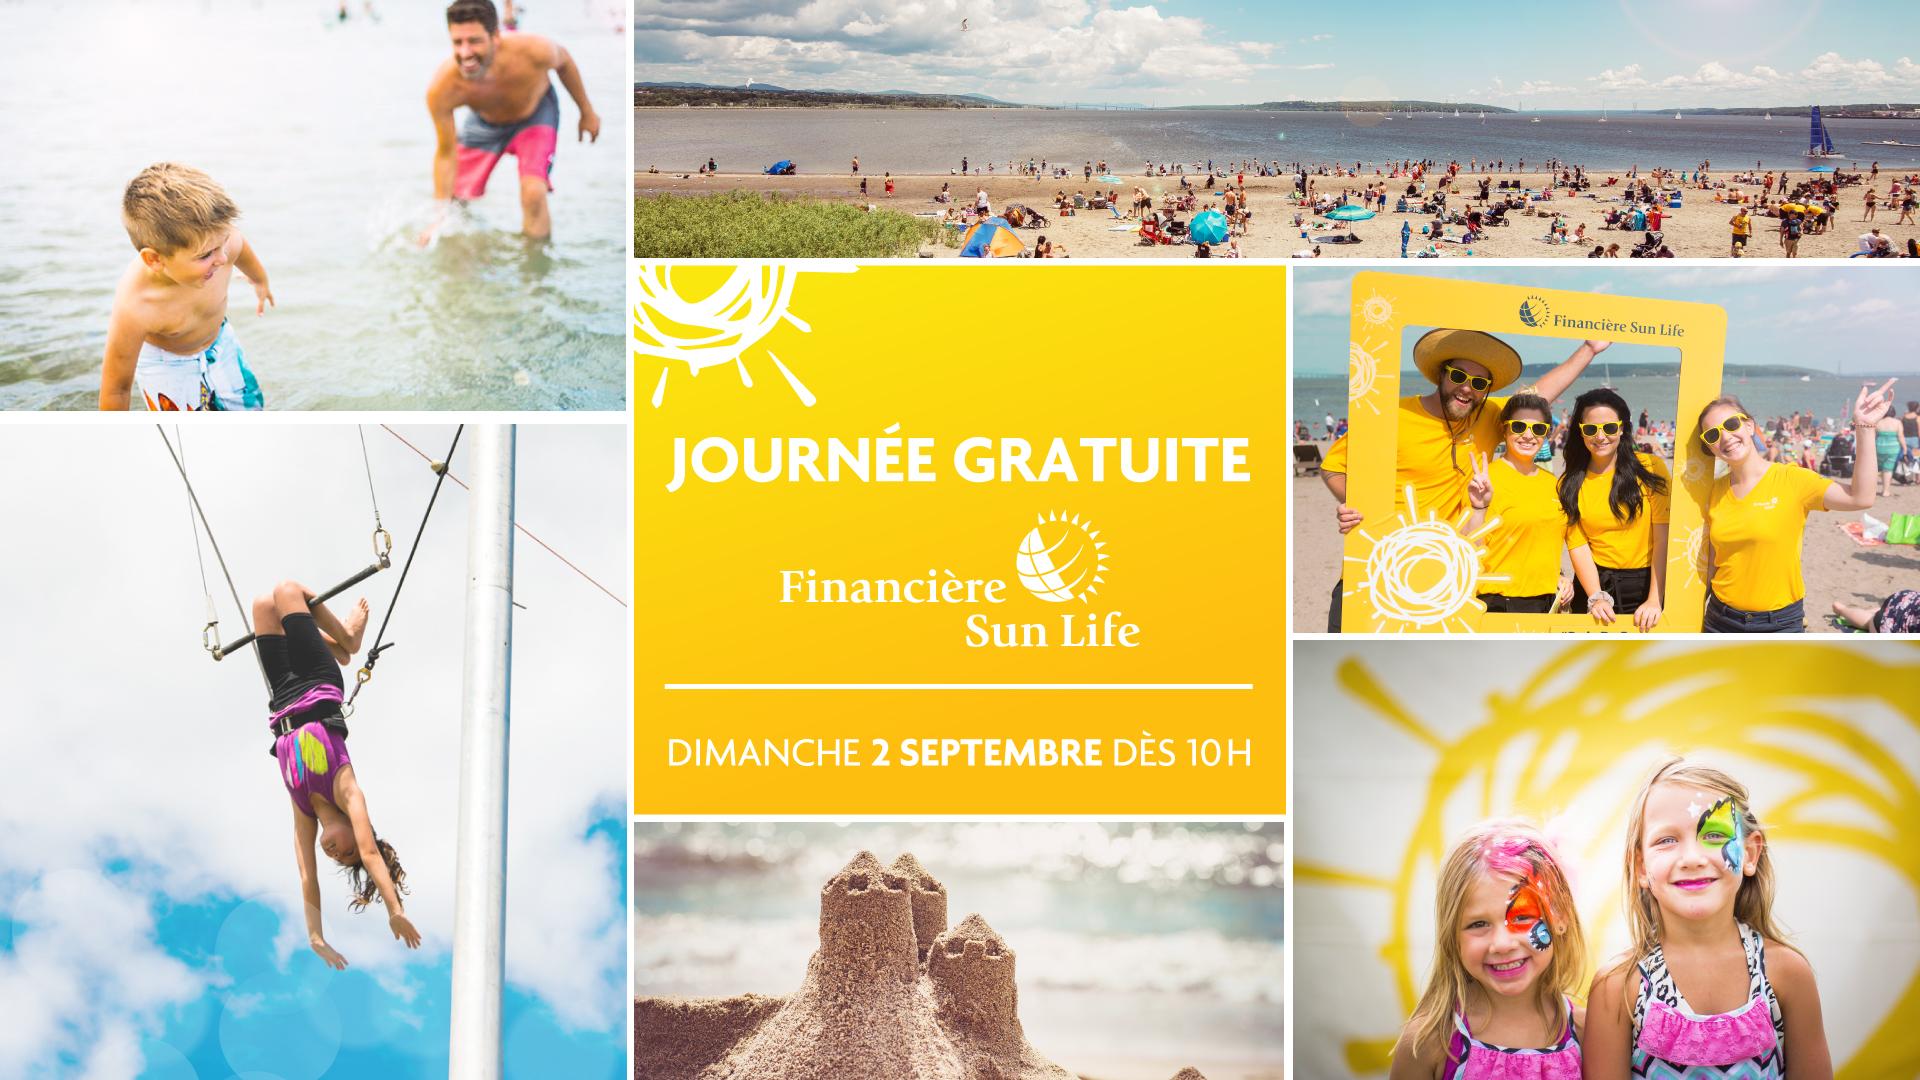 2e Journée Gratuite Financière Sun Life à la Baie de Beauport